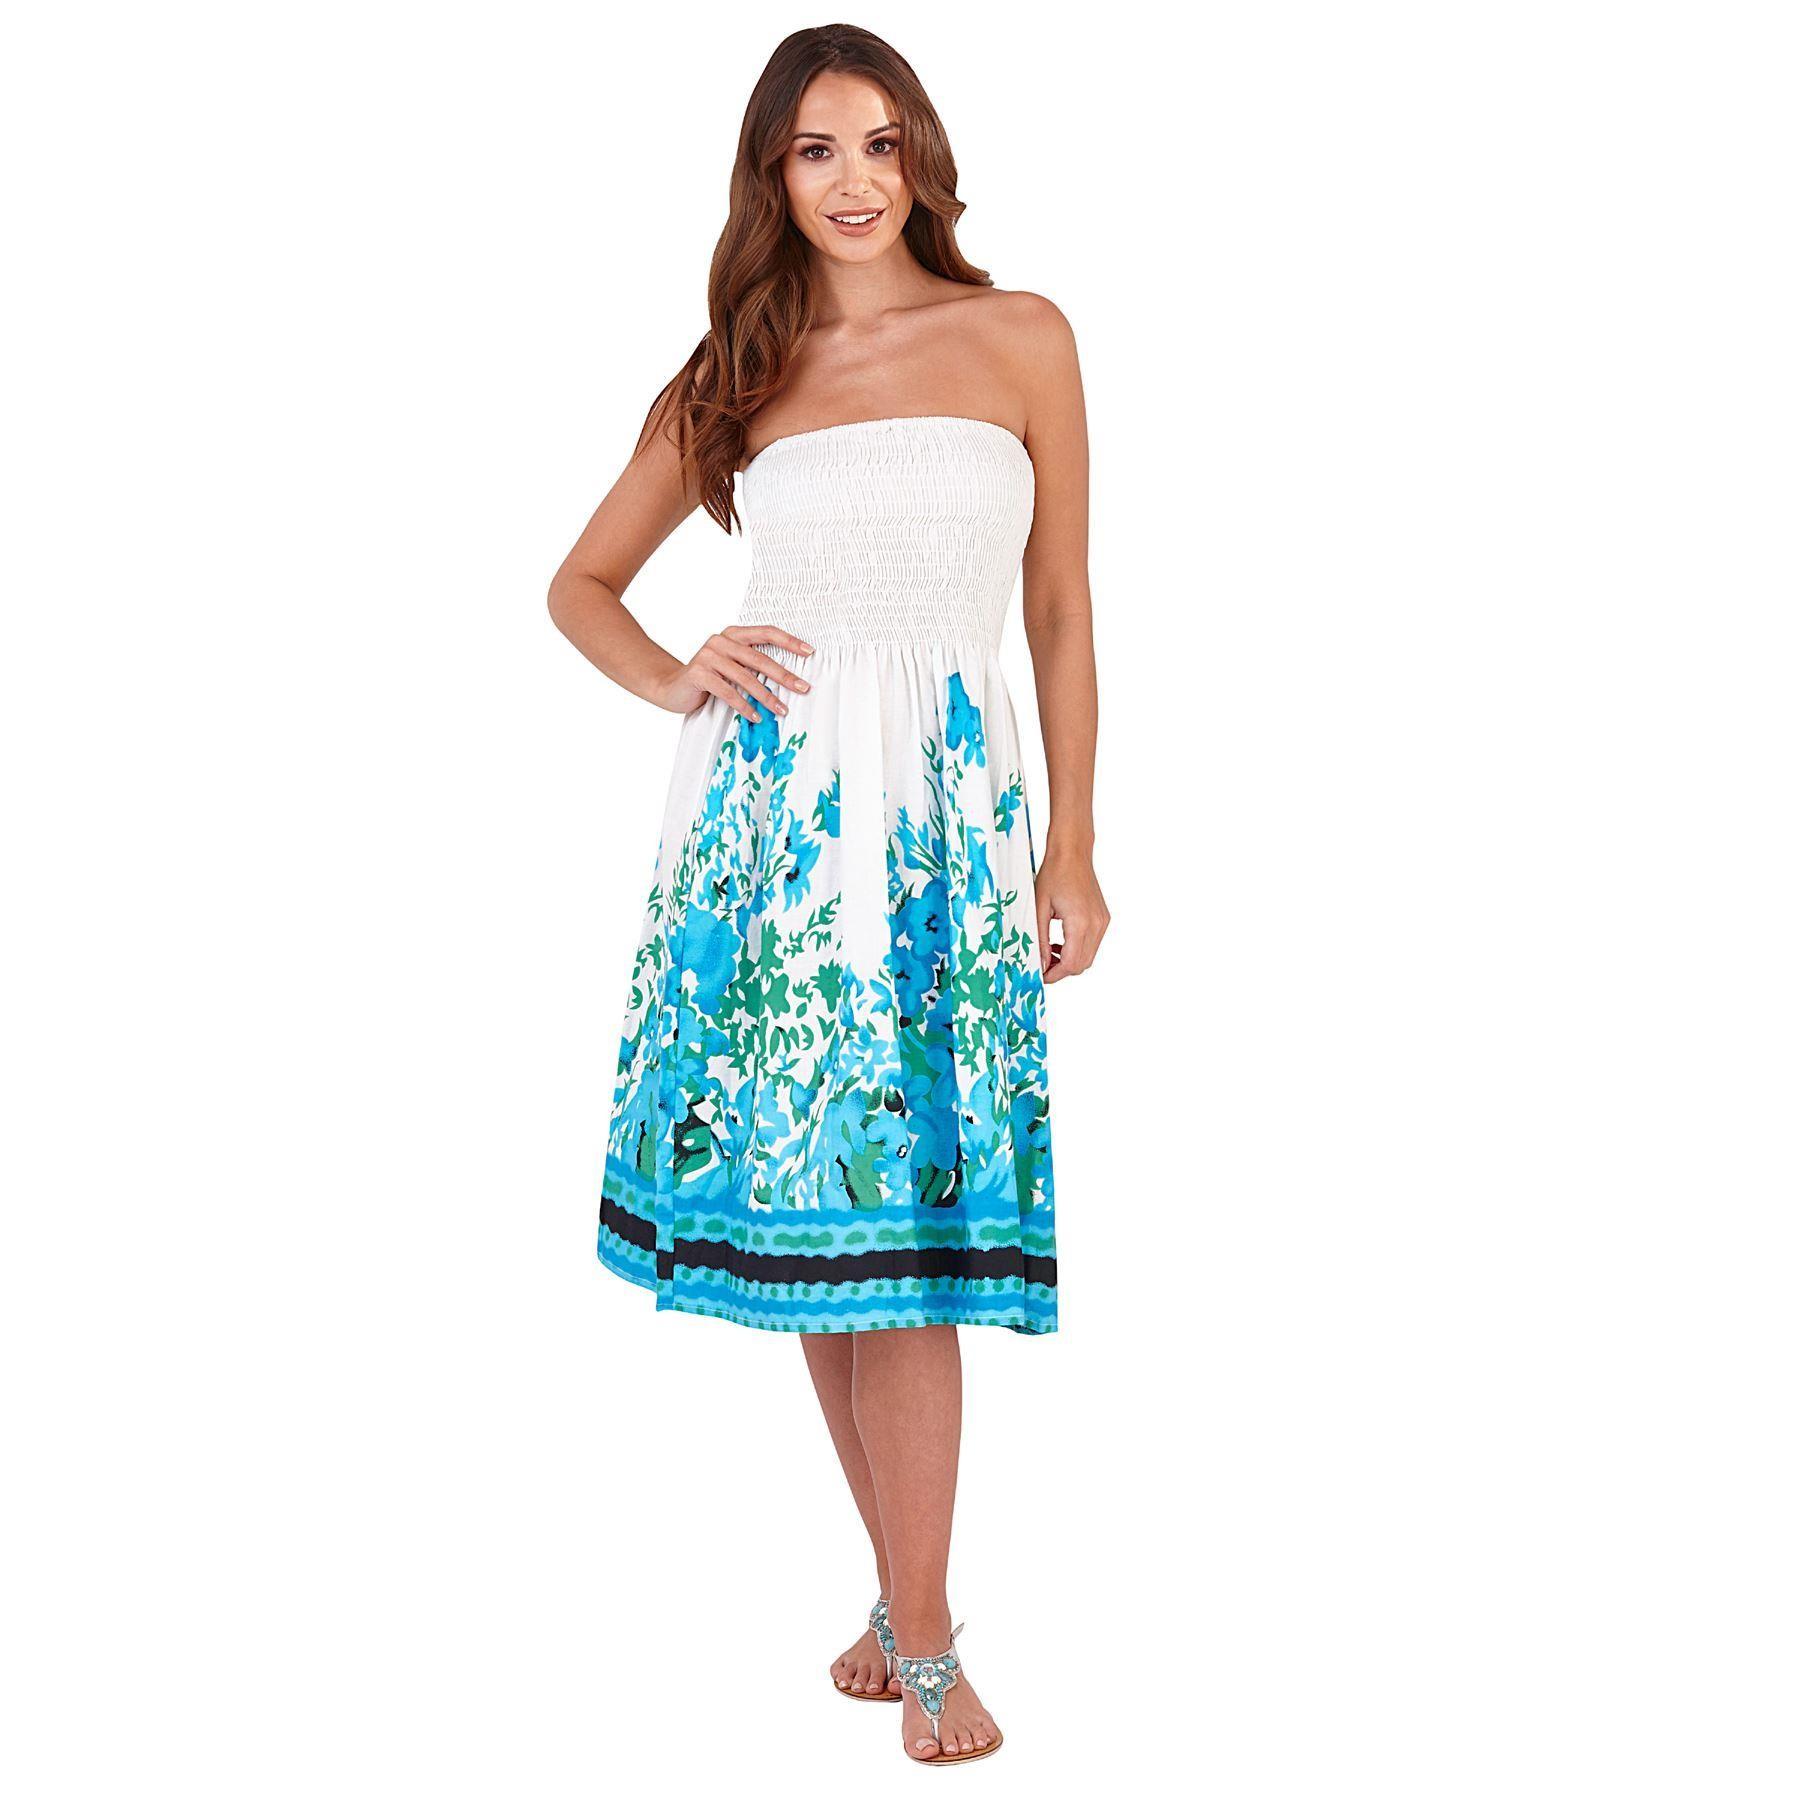 Pistachio Floral Print 3 in 1 Dress - Blue